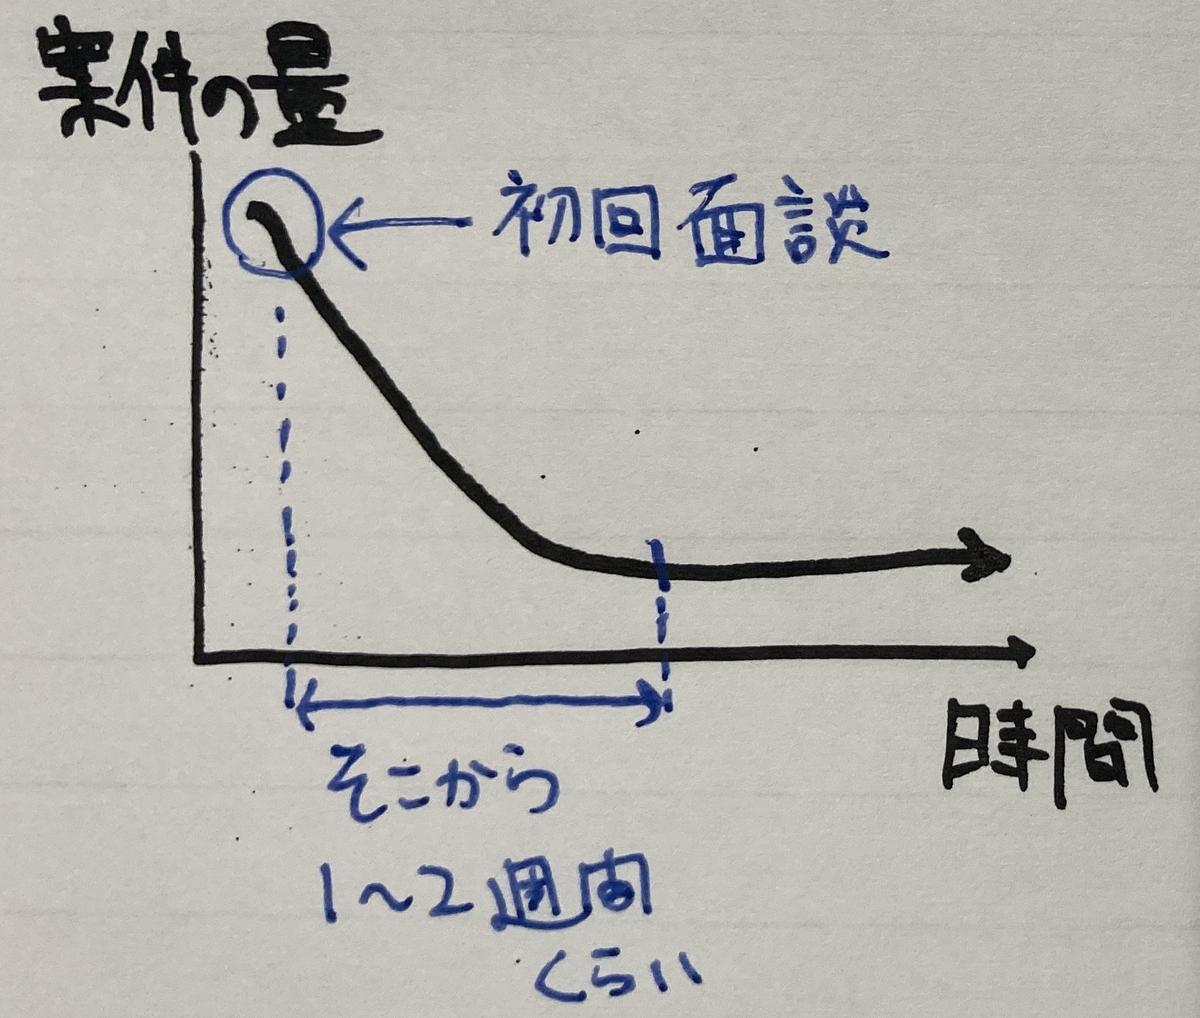 f:id:career-yoshinashi:20200613131035j:plain